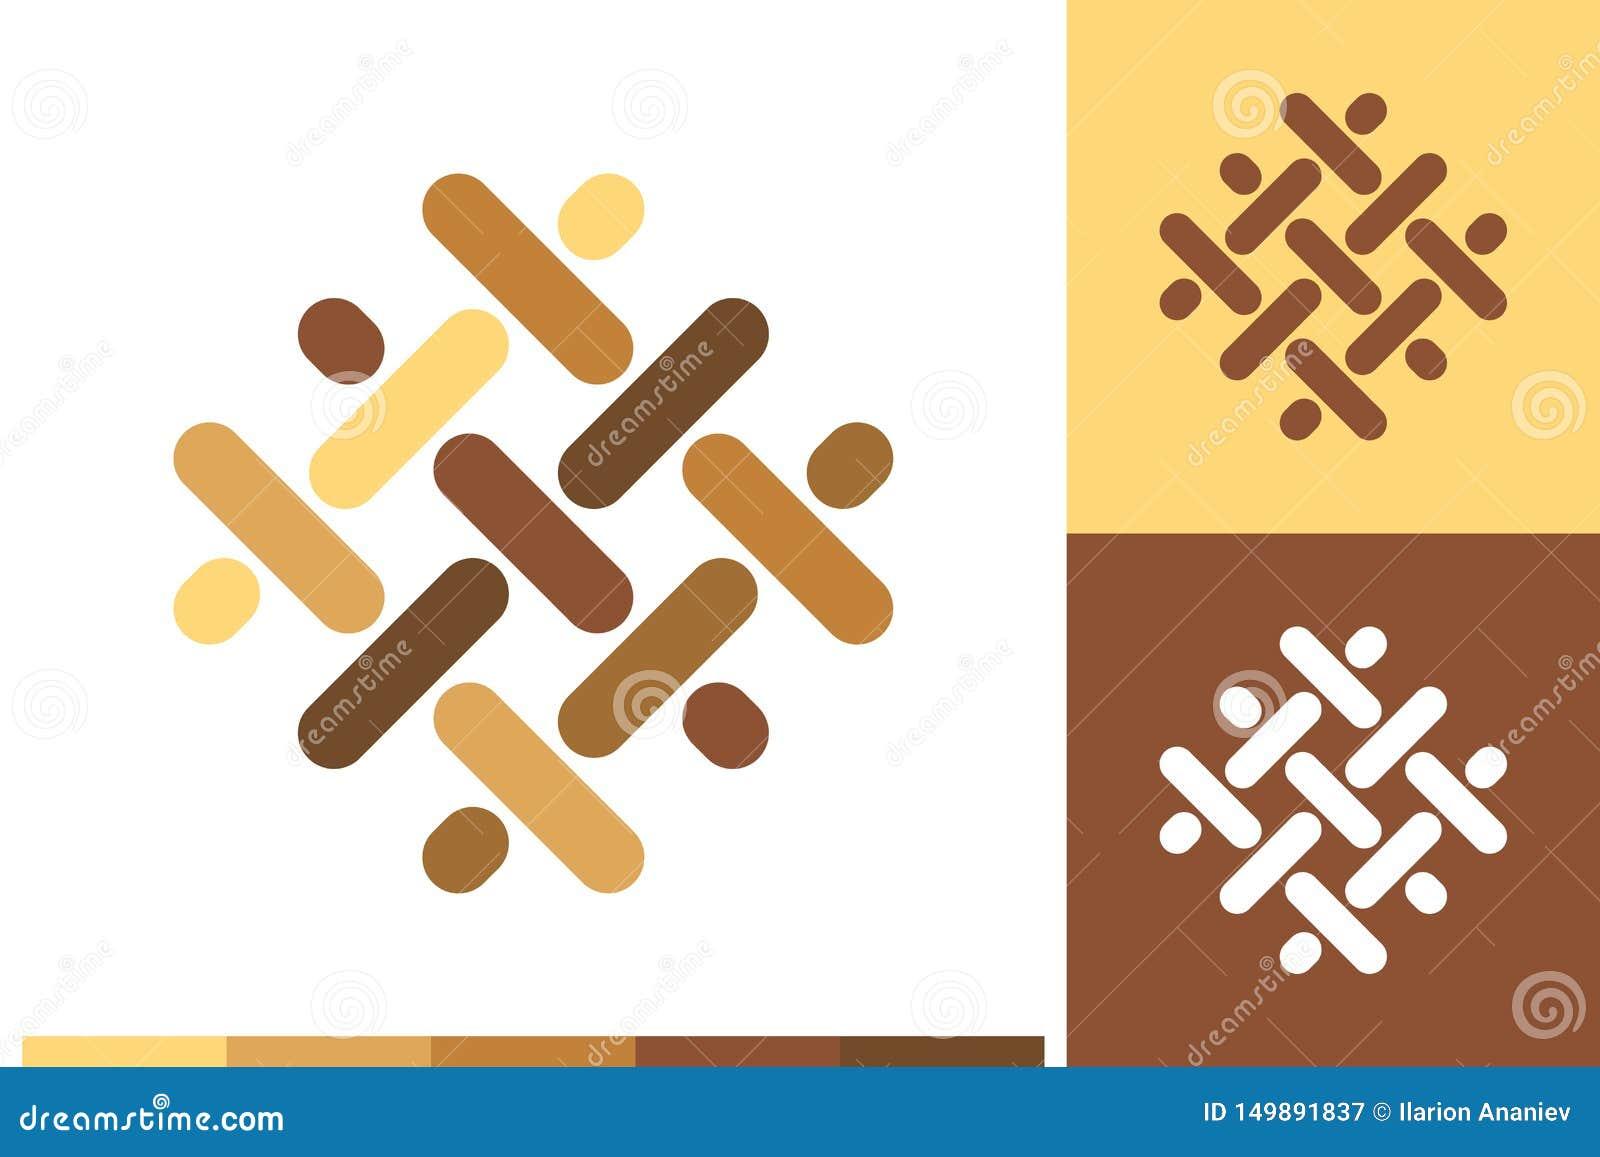 Logo, icona o segno di vettore con la pavimentazione, parquet, laminato, legname, carpenteria, elementi del legno duro nei colori